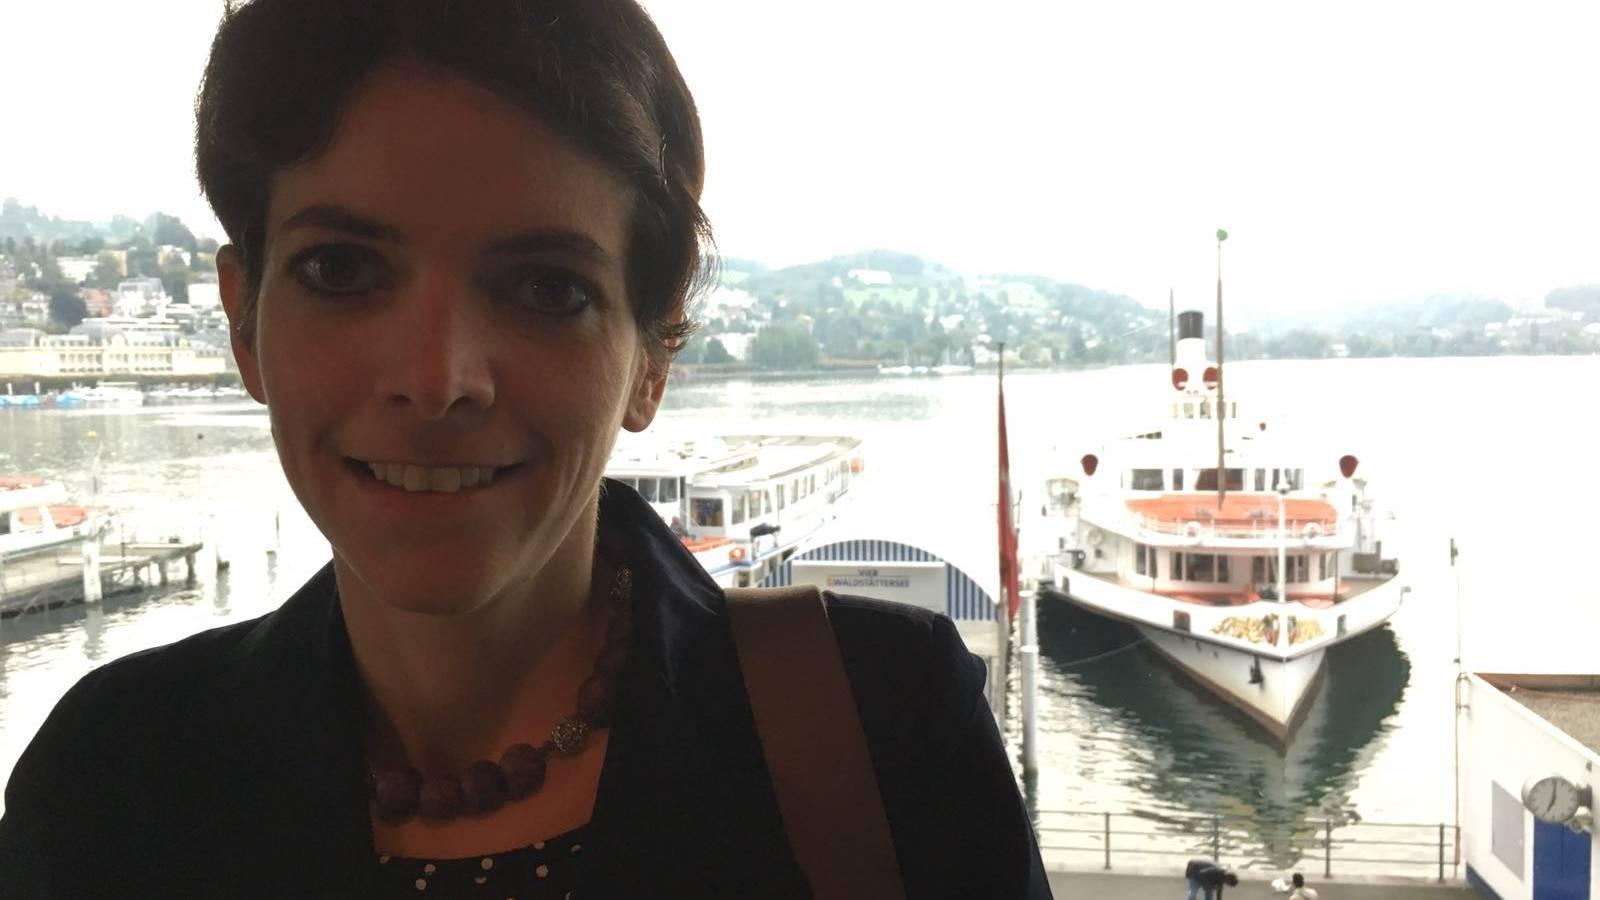 5 gwönnt: Stefanie aus Port knackt den Jackpot